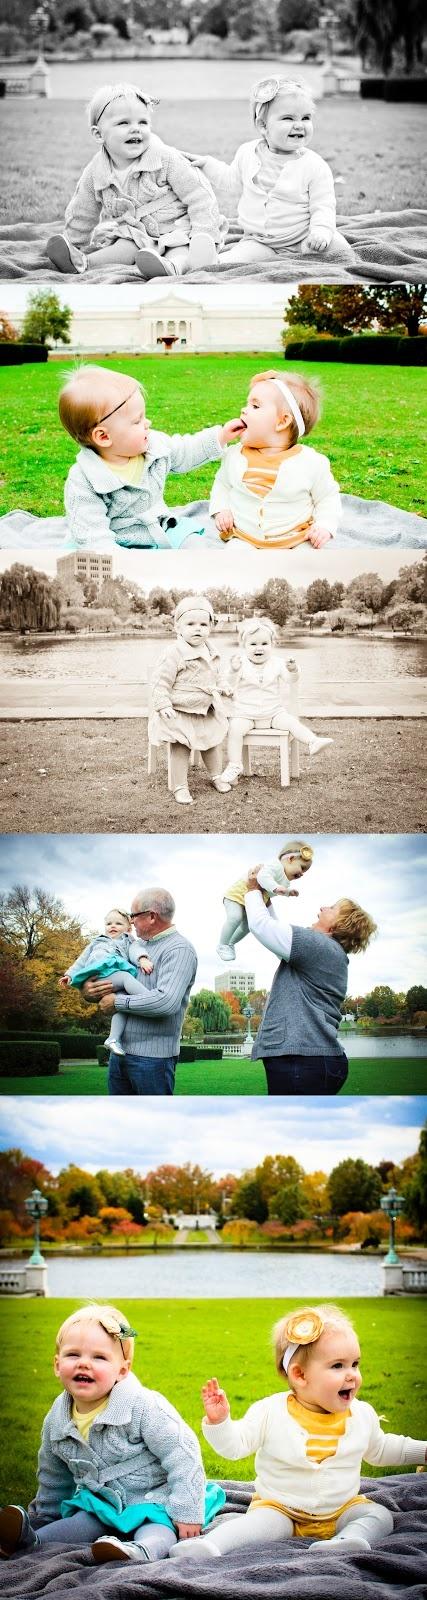 Brittany Gidley Photography: Ella & Chloe {Cleveland Toddler Photography} www.brittanygidleyphotography.com